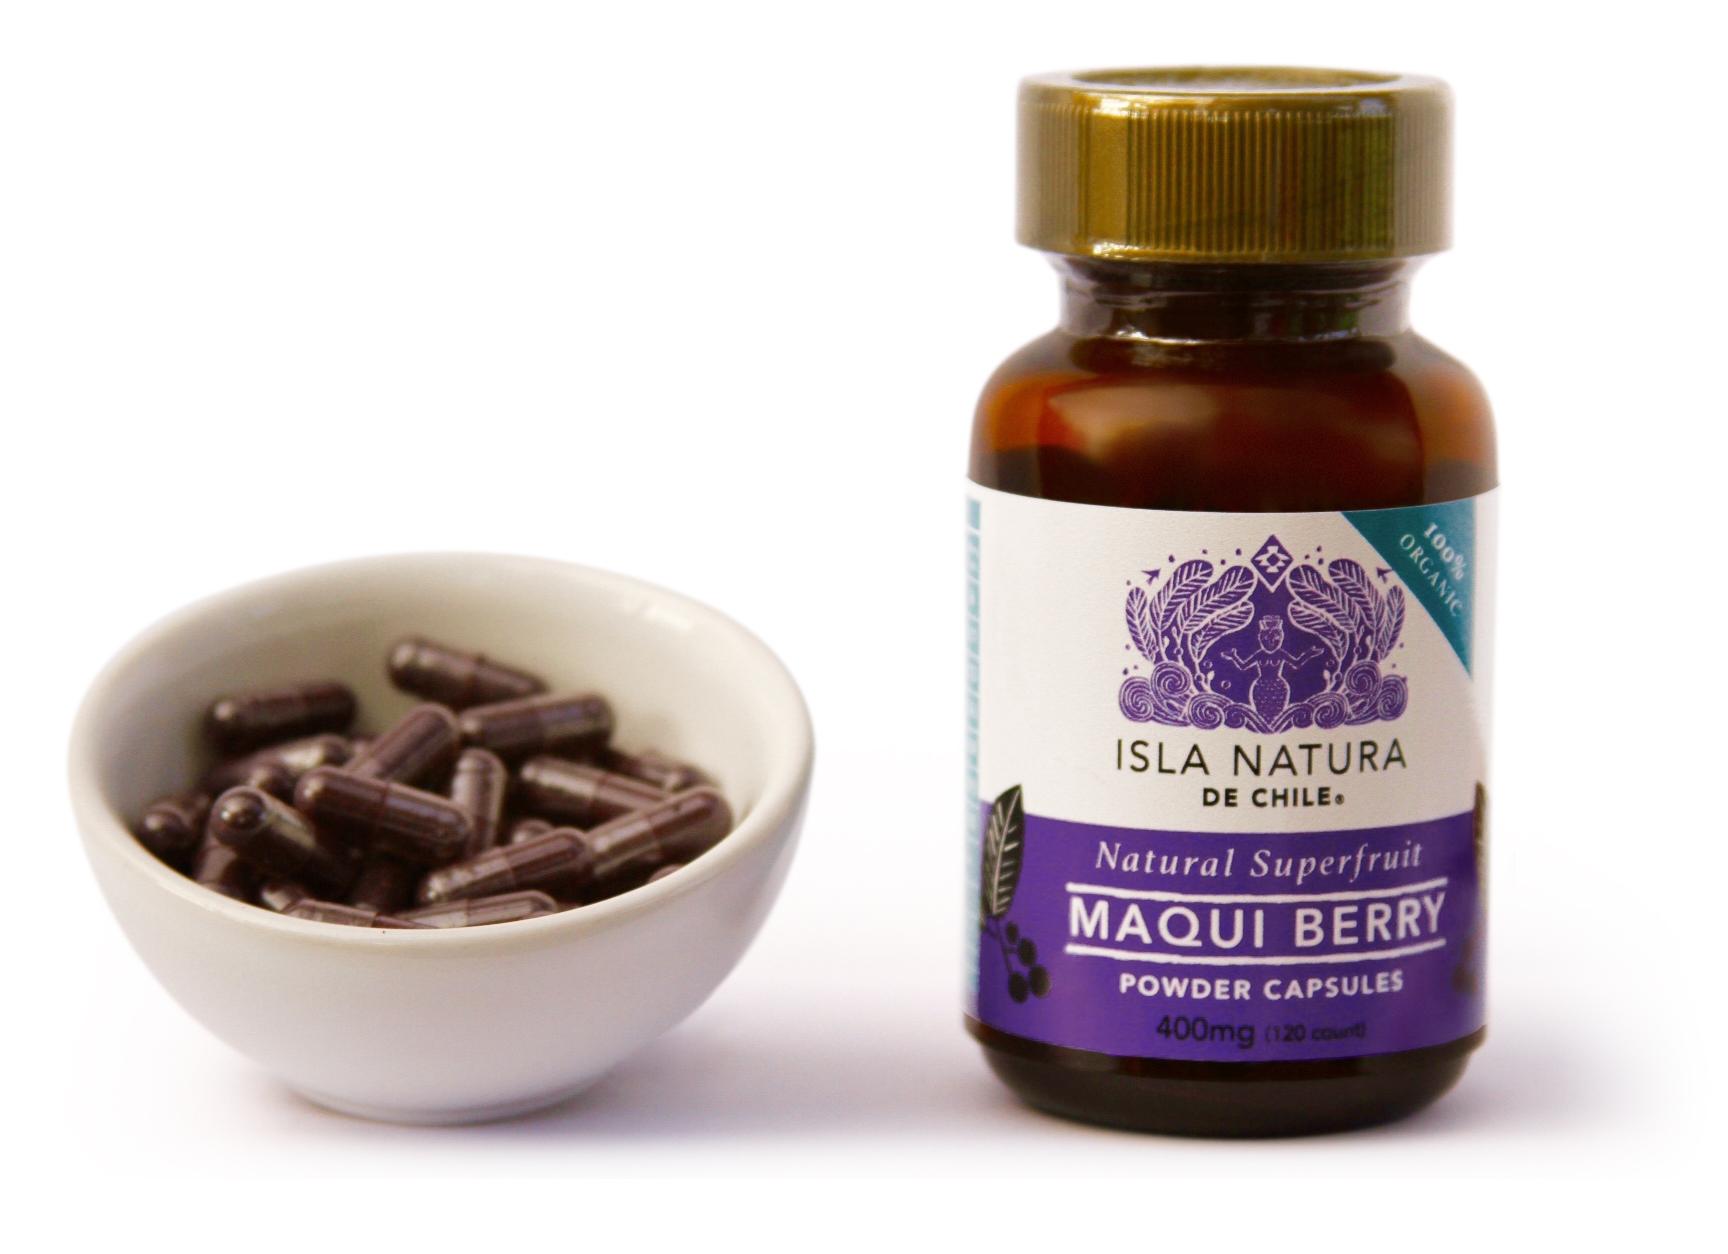 Maqui in capsules, el poderoso antioxidante natural.